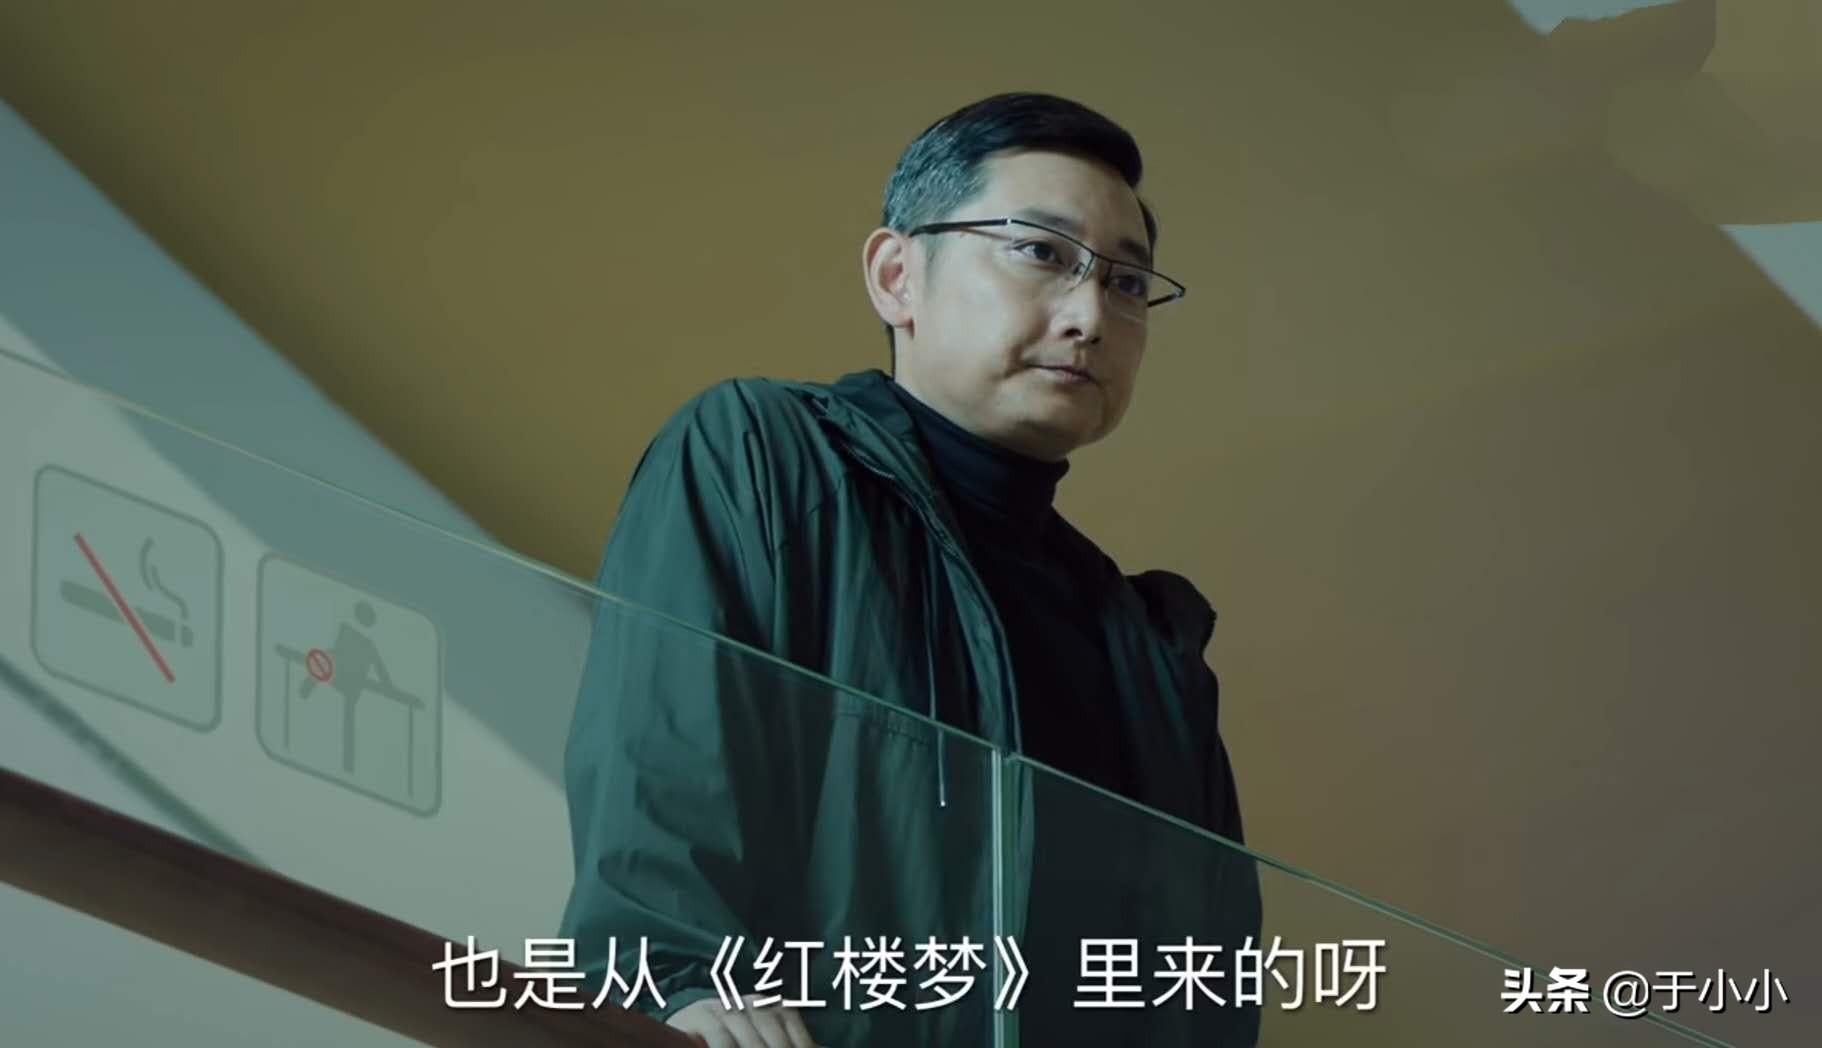 冯森找乔逸为解密,常胖子搅局,白小莲看戏,陈明忠怎么也去了?